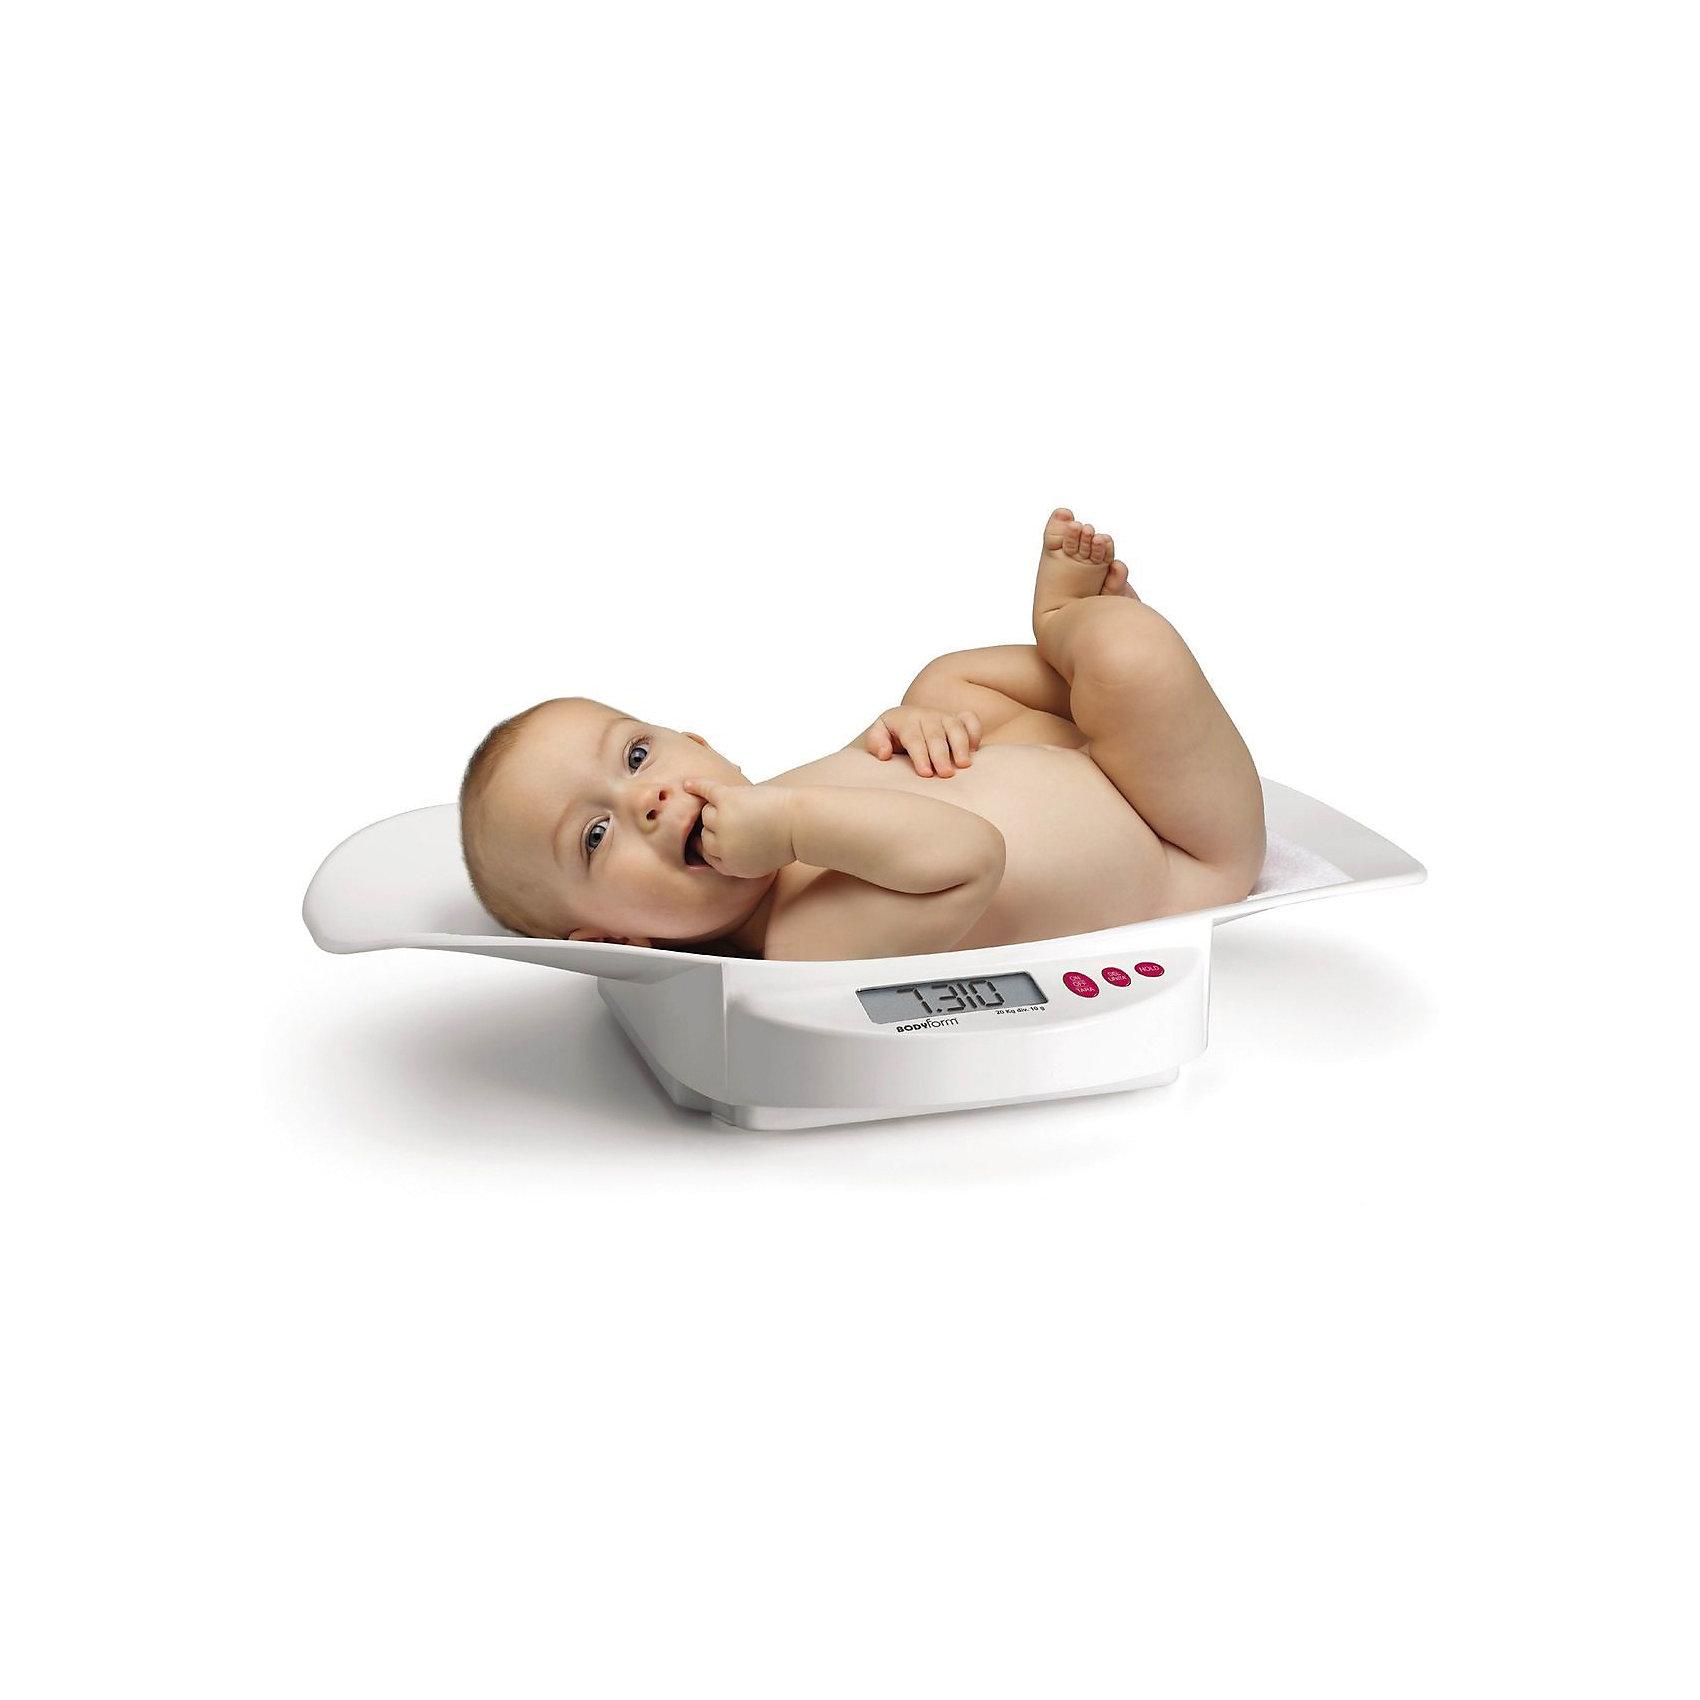 Весы MD6141 LAICAДетская бытовая техника<br>Каждой маме хочется знать, насколько поправился ее малыш, сколько он прибавляет в неделю или месяц. Отслеживая изменения веса ребенка можно сделать выводы о его общем состоянии и просто порадоваться за своего крепыша.  Детские весы LAICA имеют удобную чашу, обладают функцией TARE, которая позволяет  вам взвешивать ребенка, не учитывая вес пеленки, на которой лежит малыш. И функцией WEIGHT-BLOCK, которая показывает точный вес ребенка, даже если  малыш лежит неспокойно. Весы LAICA - прекрасный вариант для мам и малышей!<br><br>Дополнительная информация:<br><br>- Материал: пластик, металл.<br>- Размер: 9,5 x 51,5 x 32 см.<br>- Размер чаши весов: 52х25 см.<br>- Дискретность измерения:  5 гр.<br>- Максимальный вес ребенка: 20 кг. <br>- Функция «Tare».<br>- Функция «Weight-Block». <br>- Фиксация значения веса.  <br>- Предупреждение о превышении веса.  <br>- Автоматическое отключение.<br>- 2 варианта единиц измерения: граммы/фунты.<br>- Индикация низкого заряда батареи.<br>- Вес: 2,2 кг.<br>- Элемент питания: 1 батарейка 9 В, тип 6LR61 (крона, не входит в комплект).<br> <br>Весы MD6141 LAICA можно купить в нашем магазине.<br><br>Ширина мм: 130<br>Глубина мм: 550<br>Высота мм: 350<br>Вес г: 2900<br>Возраст от месяцев: 0<br>Возраст до месяцев: 36<br>Пол: Унисекс<br>Возраст: Детский<br>SKU: 4595151